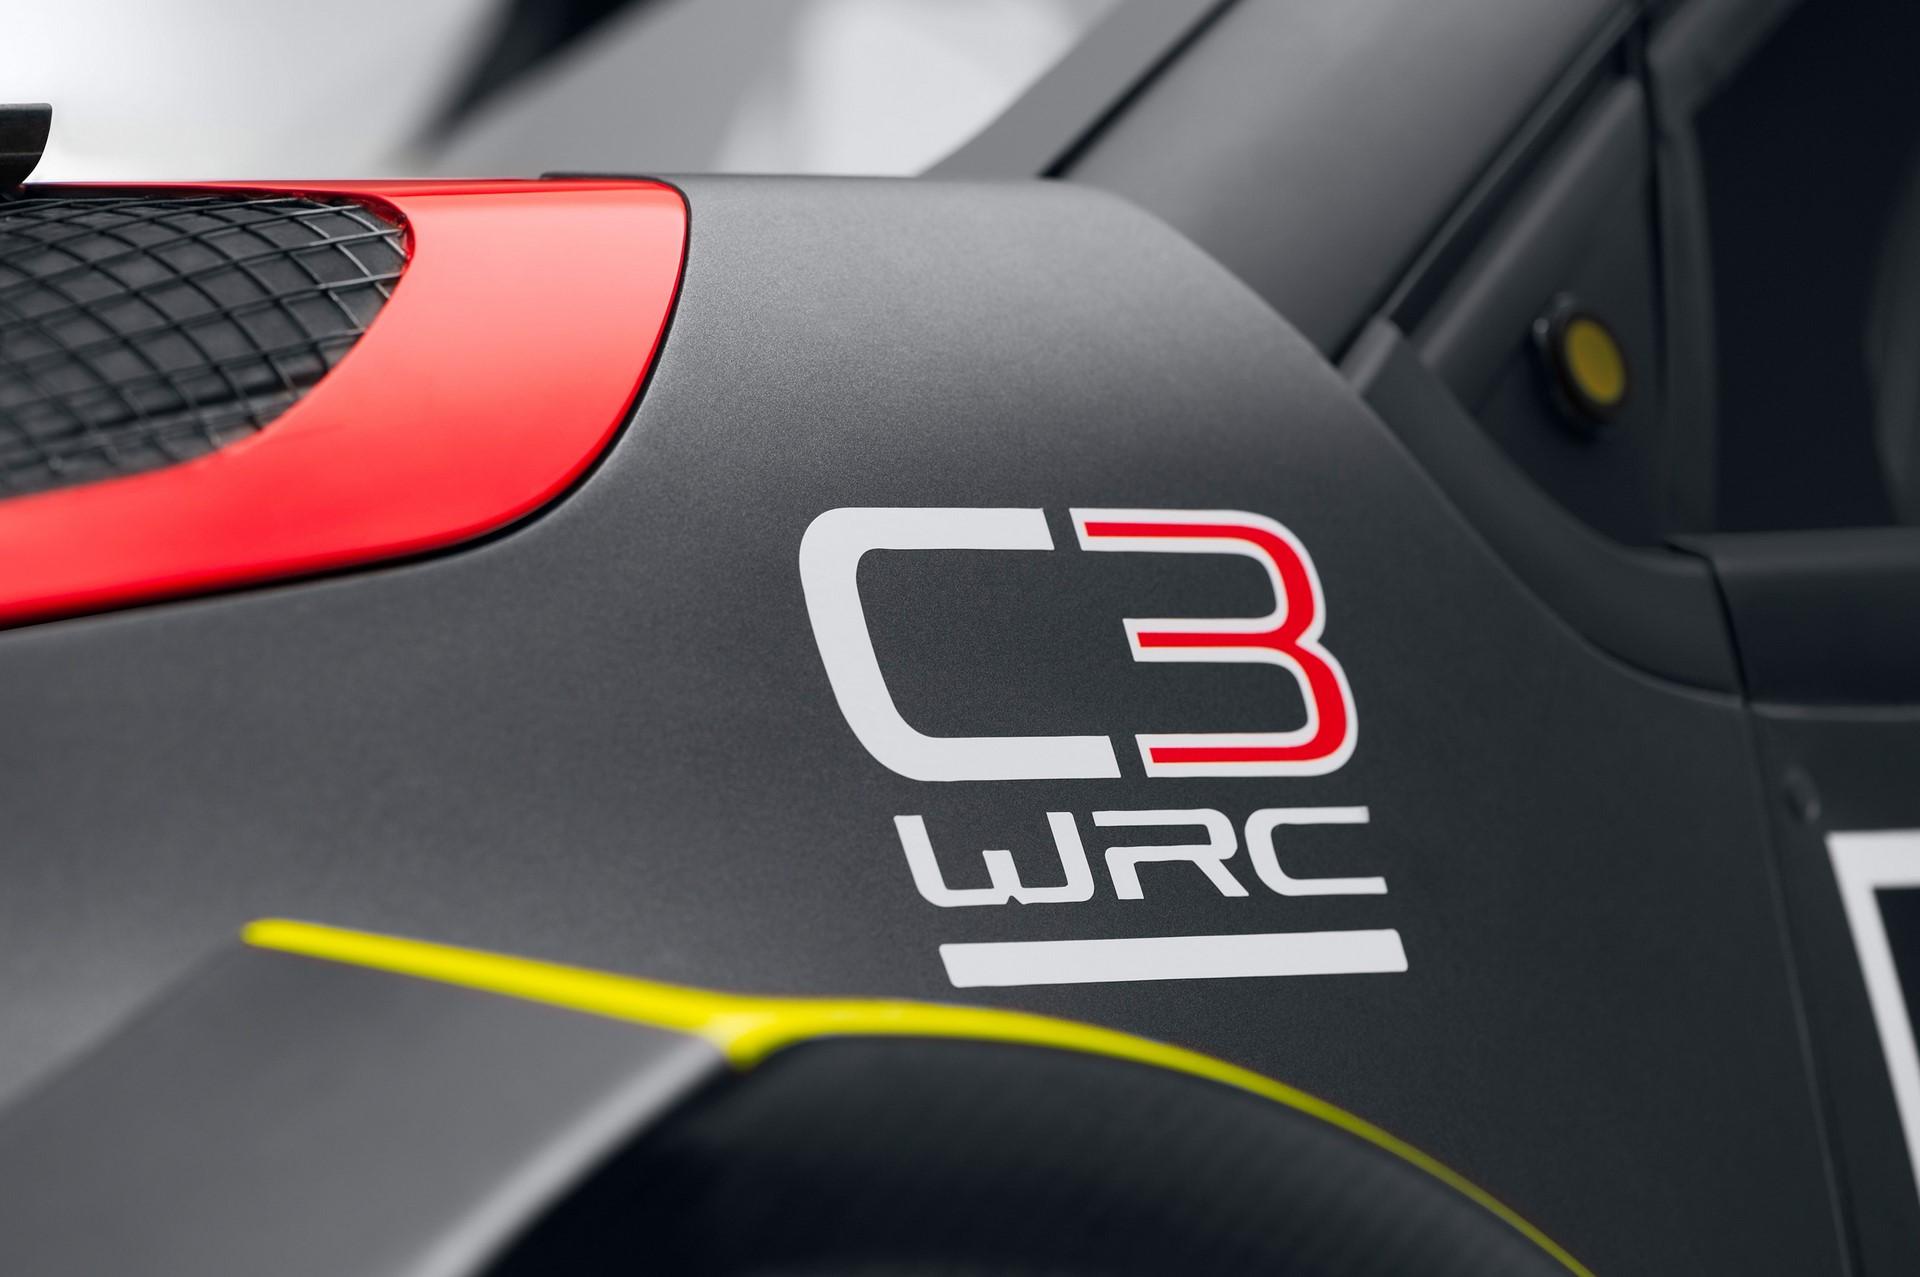 2017 Citroen C3 WRC (10)